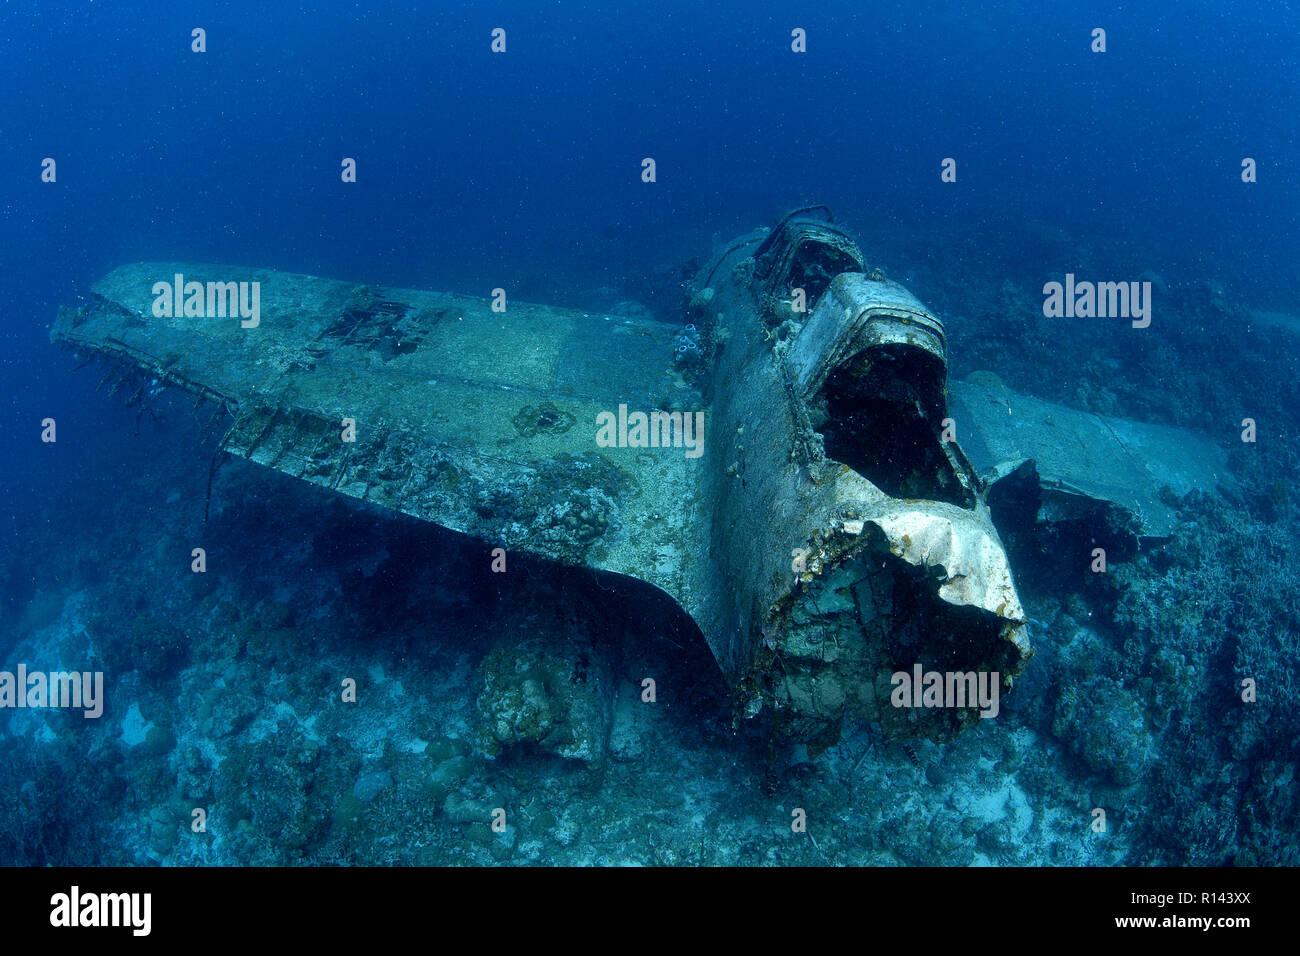 Un americano Zerofighter de WW II en los fondos marinos, Palau, Micronesia Foto de stock